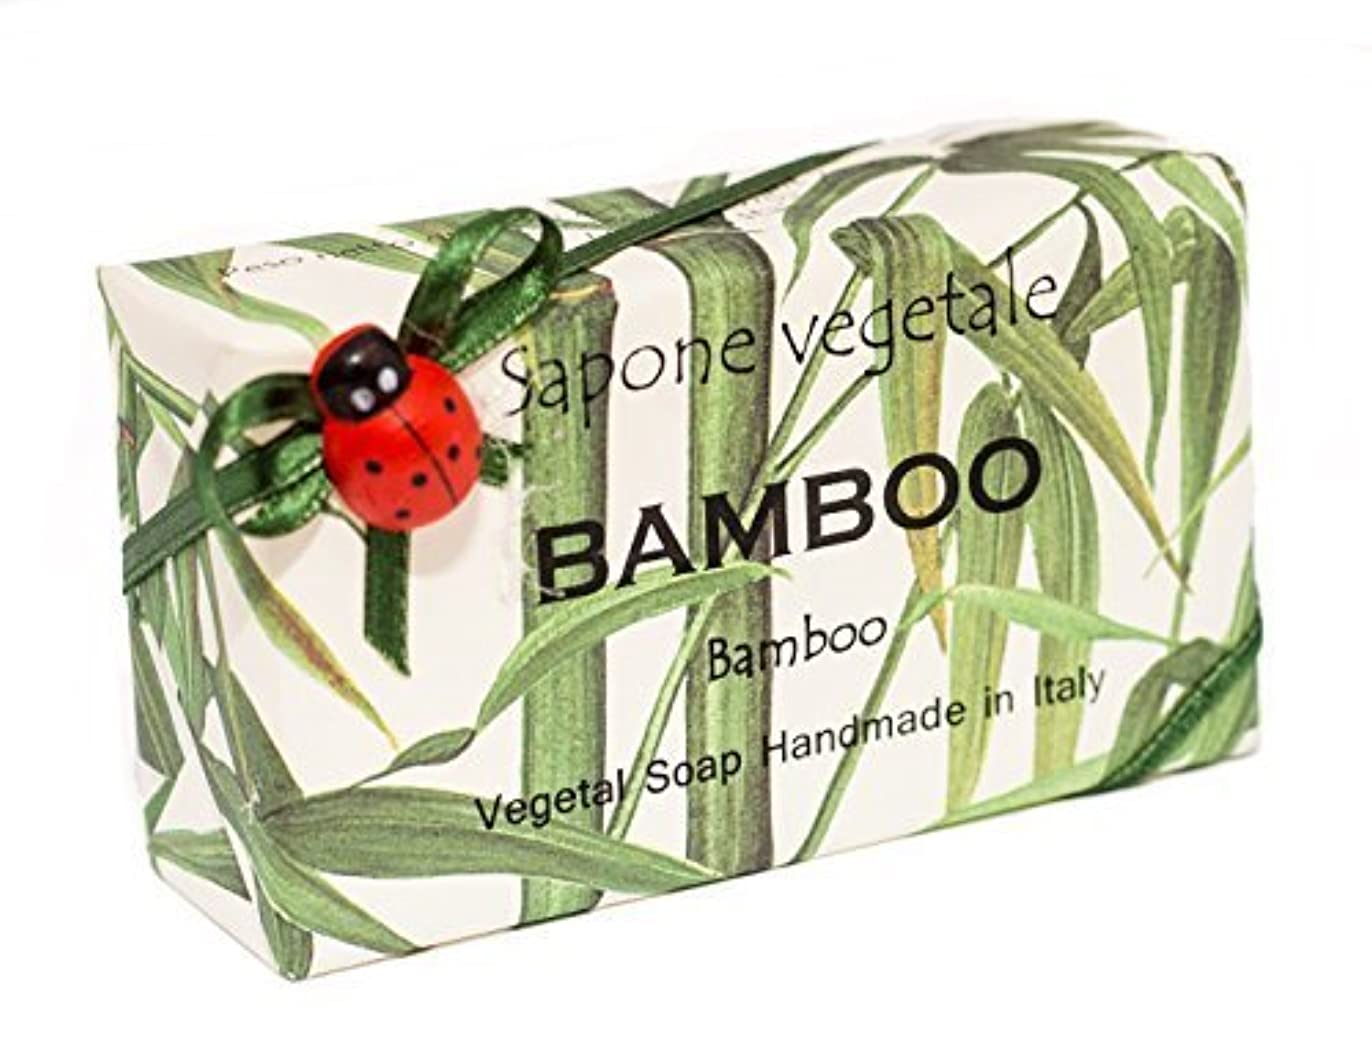 肺昼寝恒久的Alchimia 高級ギフトボックス付きイタリアから竹、野菜手作り石鹸バー、 [並行輸入品]